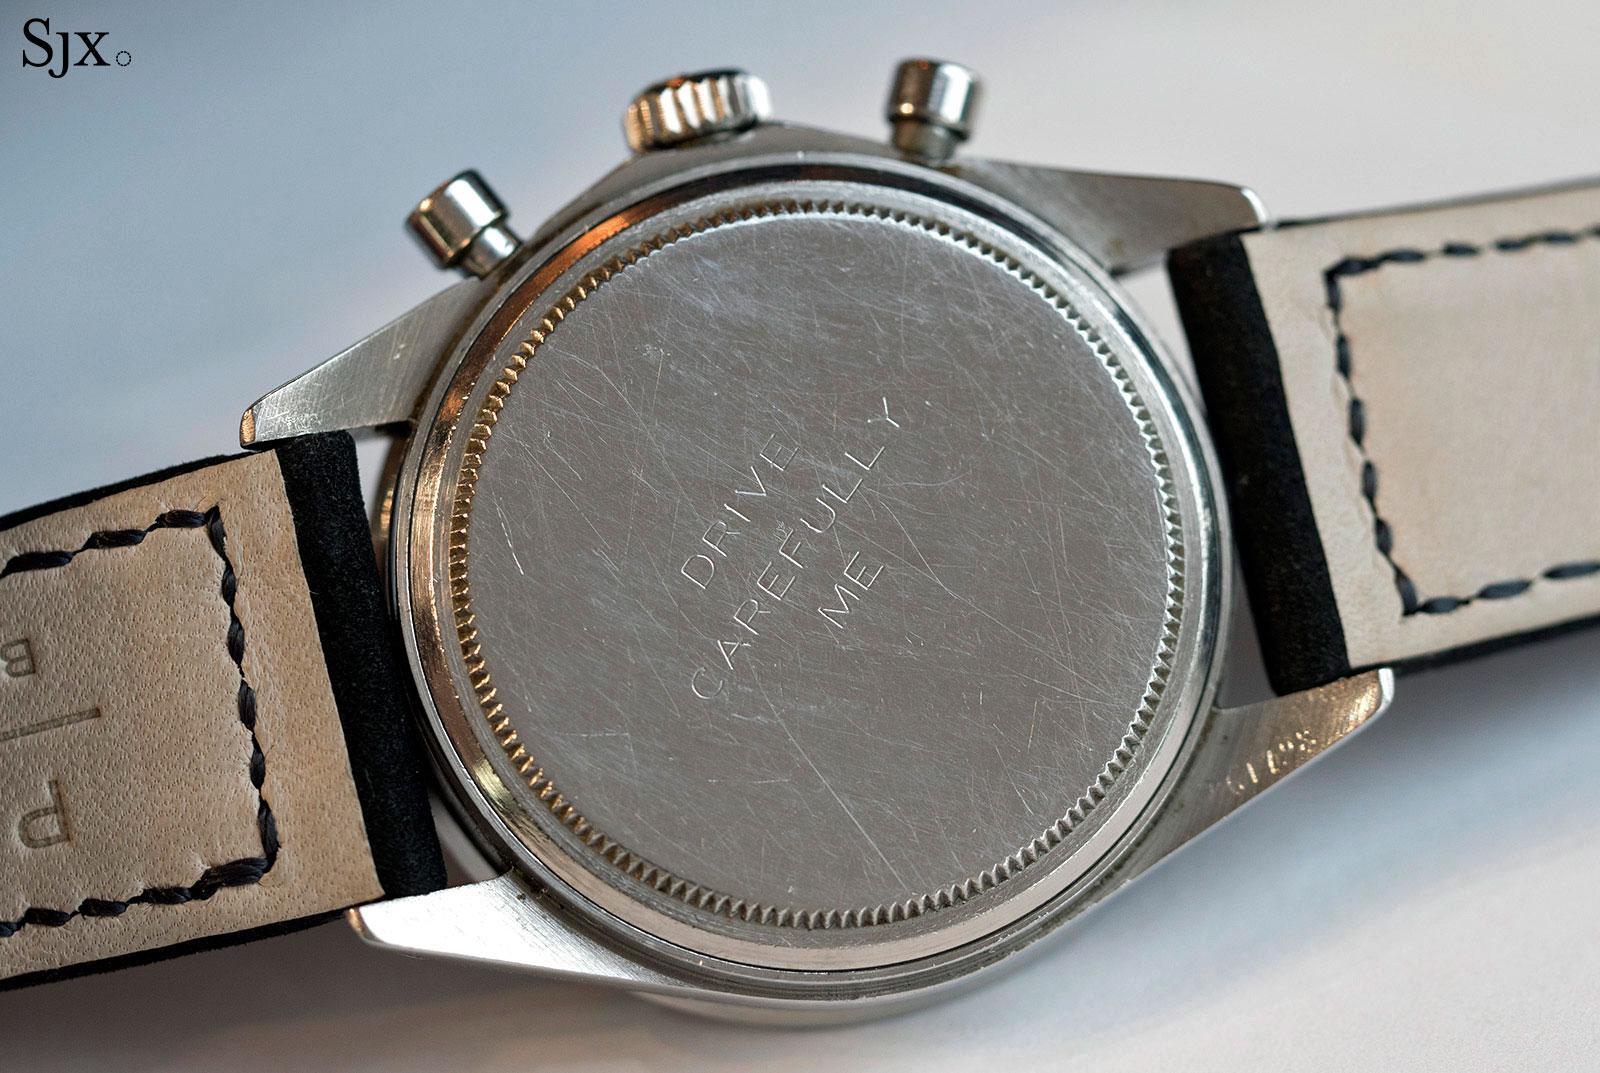 Paul-Newmans-Paul-Newman-Rolex-Daytona-18